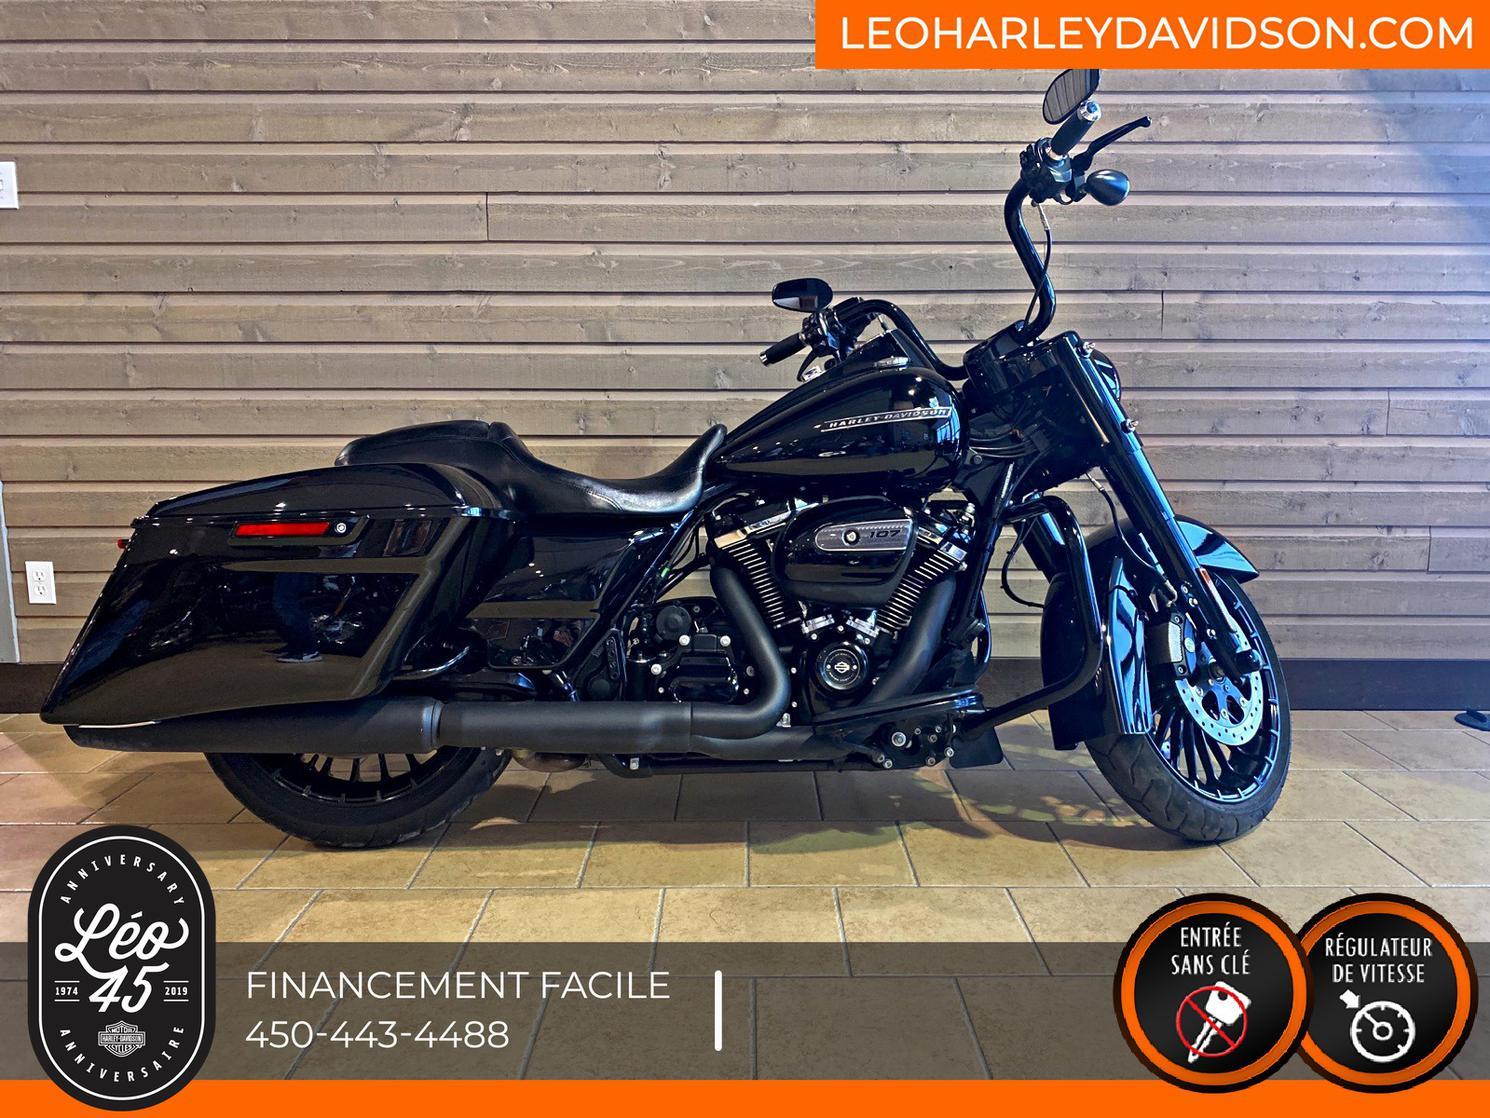 2018 Harley-Davidson FL-Road King Special FLHRXS